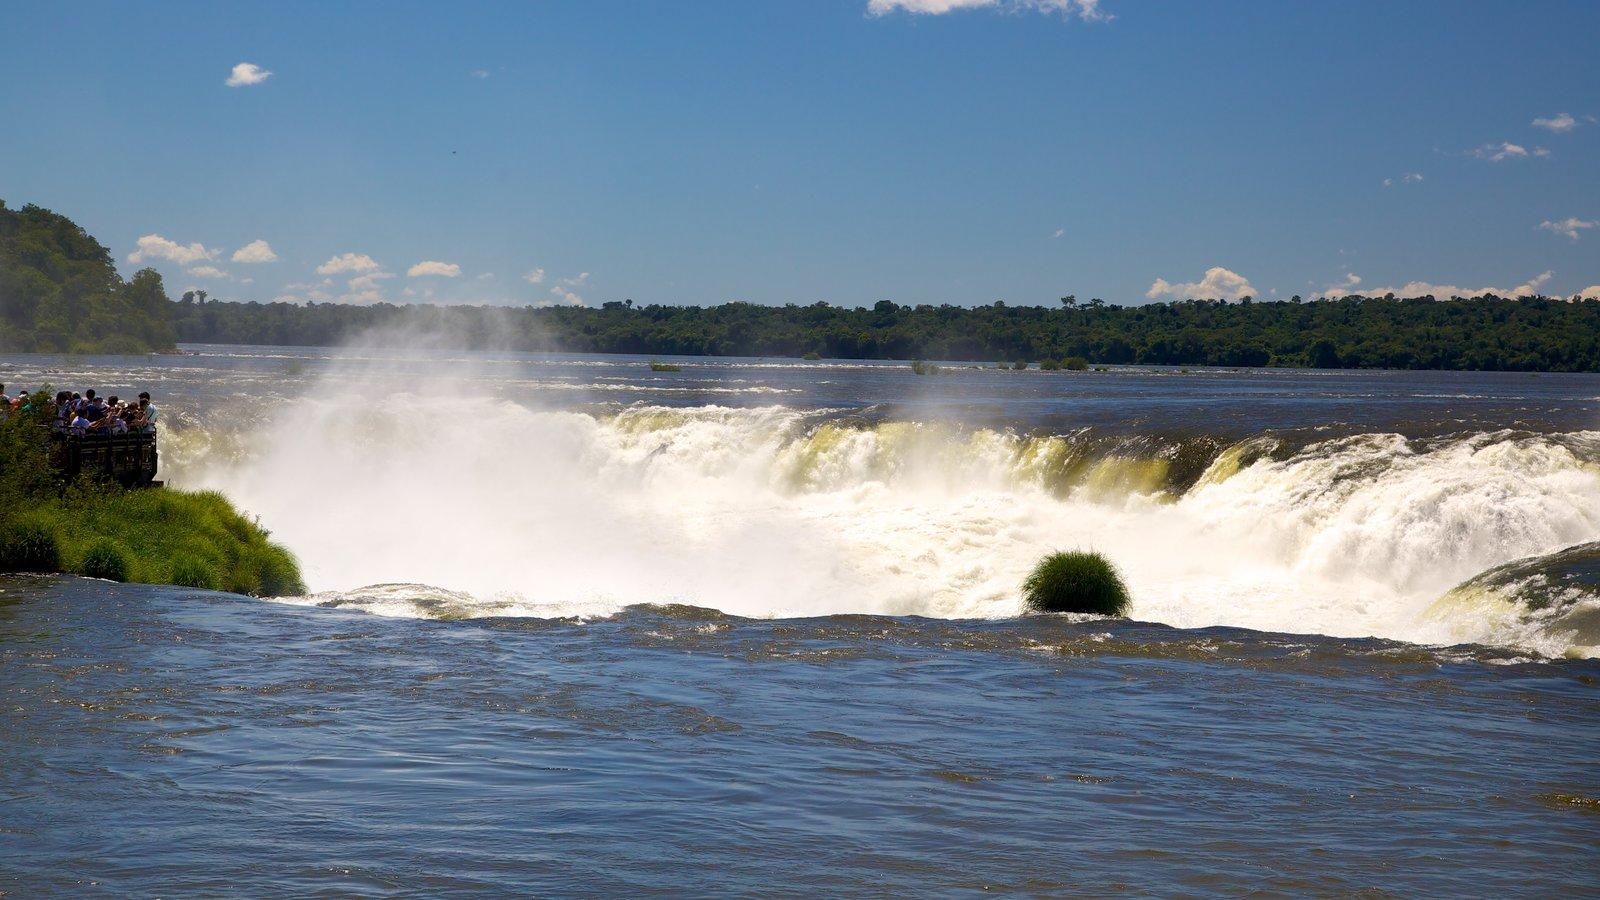 Garganta do Diabo caracterizando um lago ou charco, uma cascata e paisagem